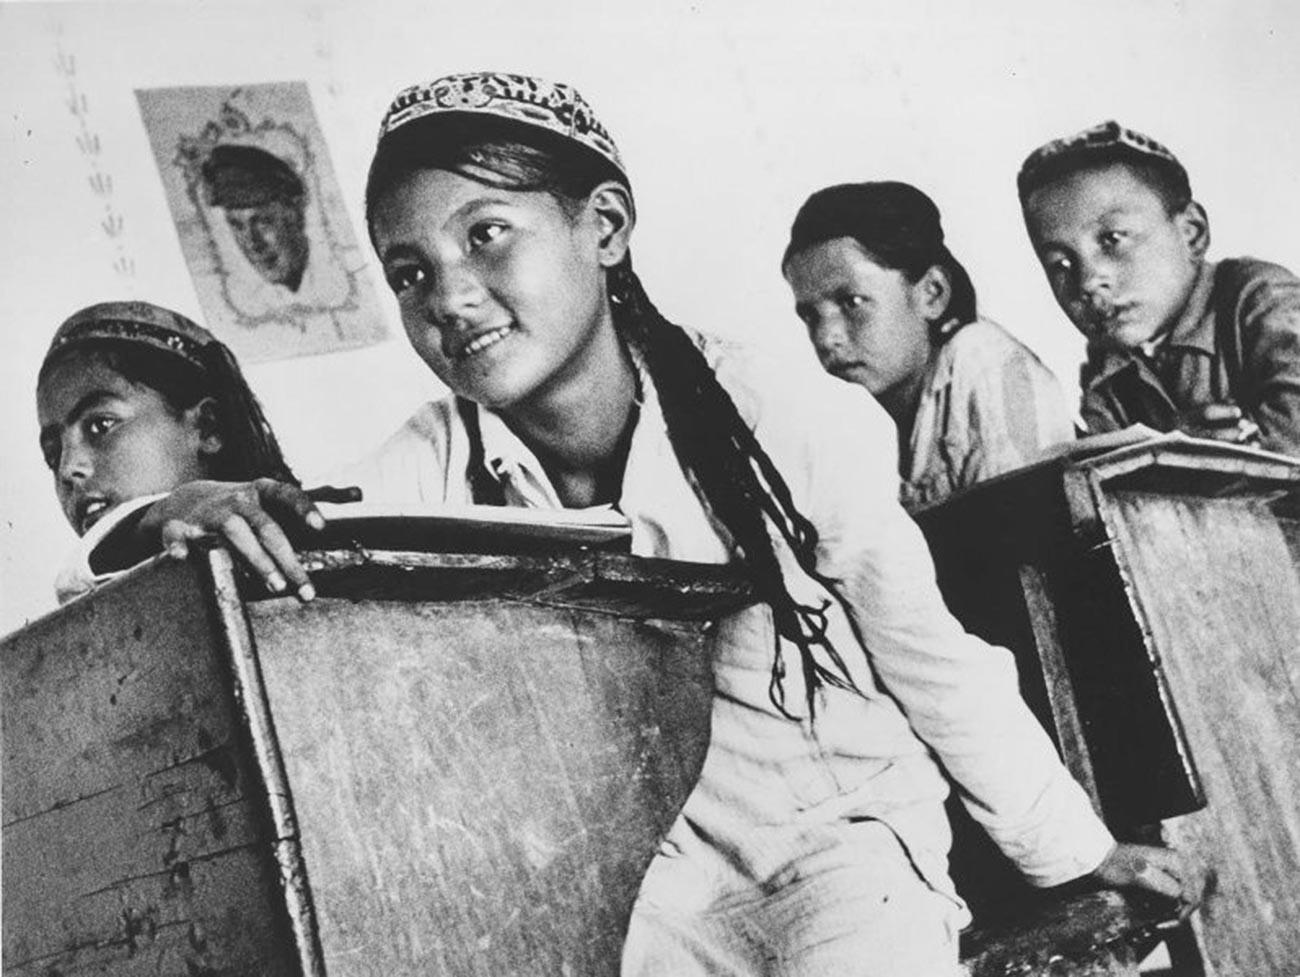 At school, Uzbek SSR; 1930s